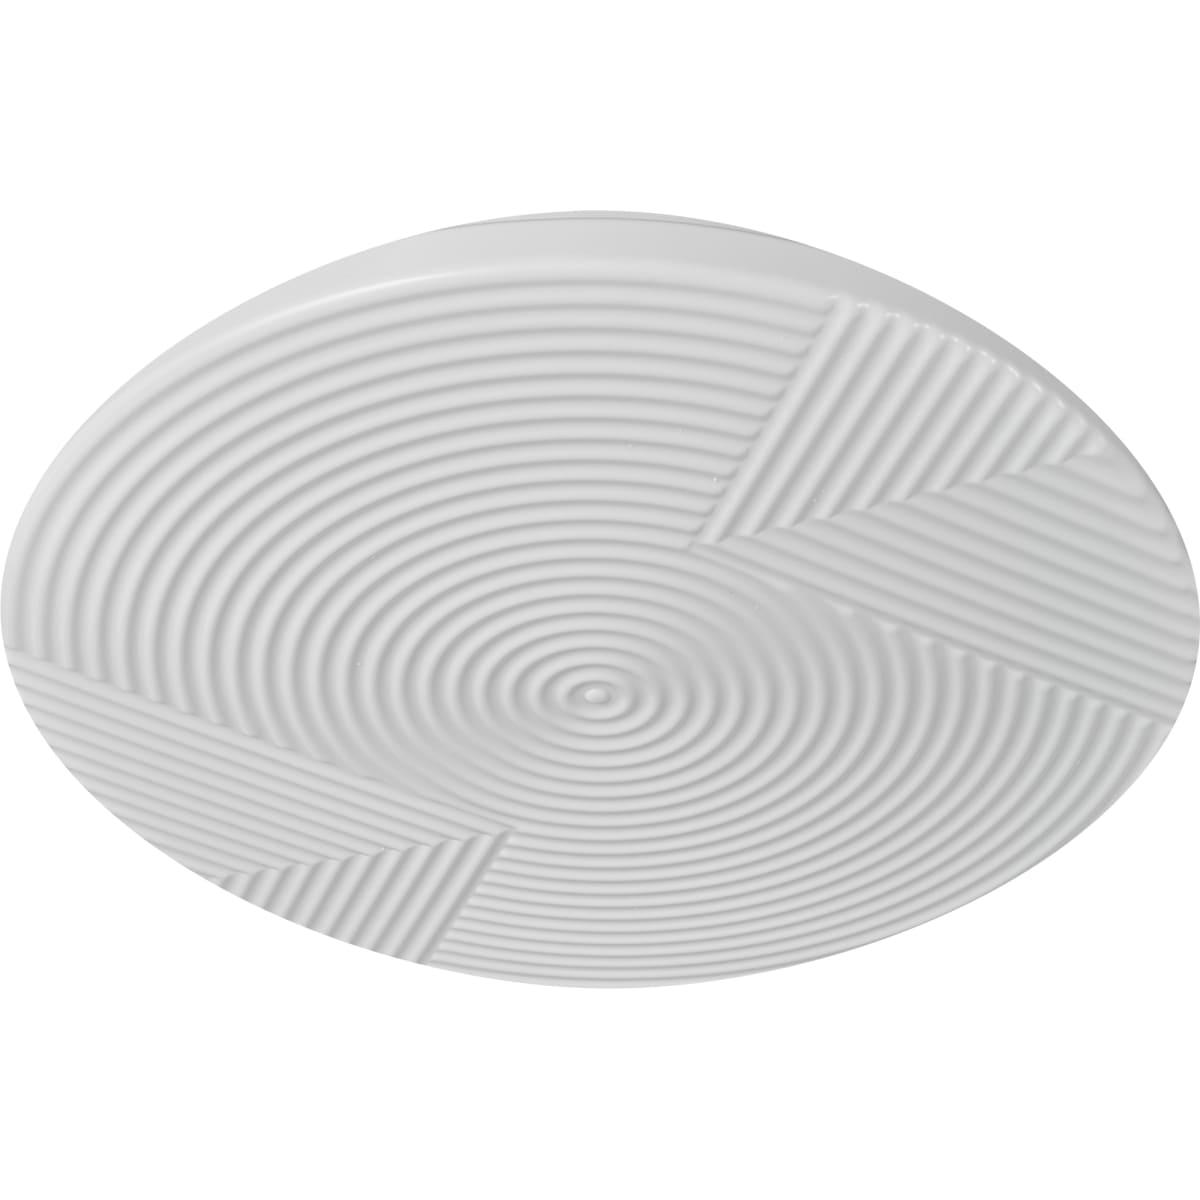 Светильник настенно-потолочный светодиодный Messa 2083/EL с пультом управления, 18 м², регулируемый свет, цвет белый